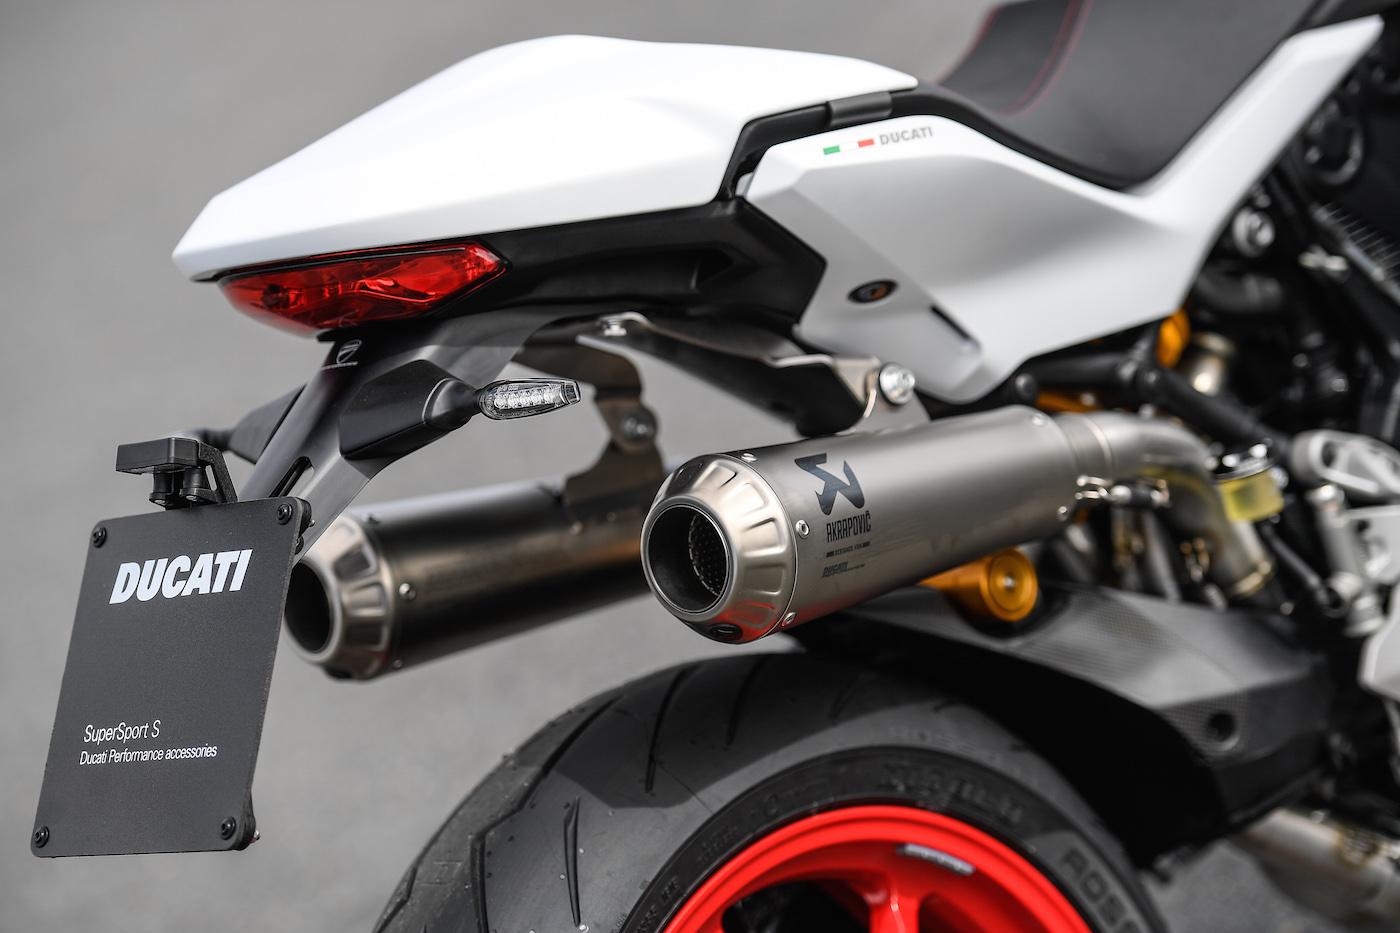 Ducati_Supersport_S_sport_smalldet1.jpg